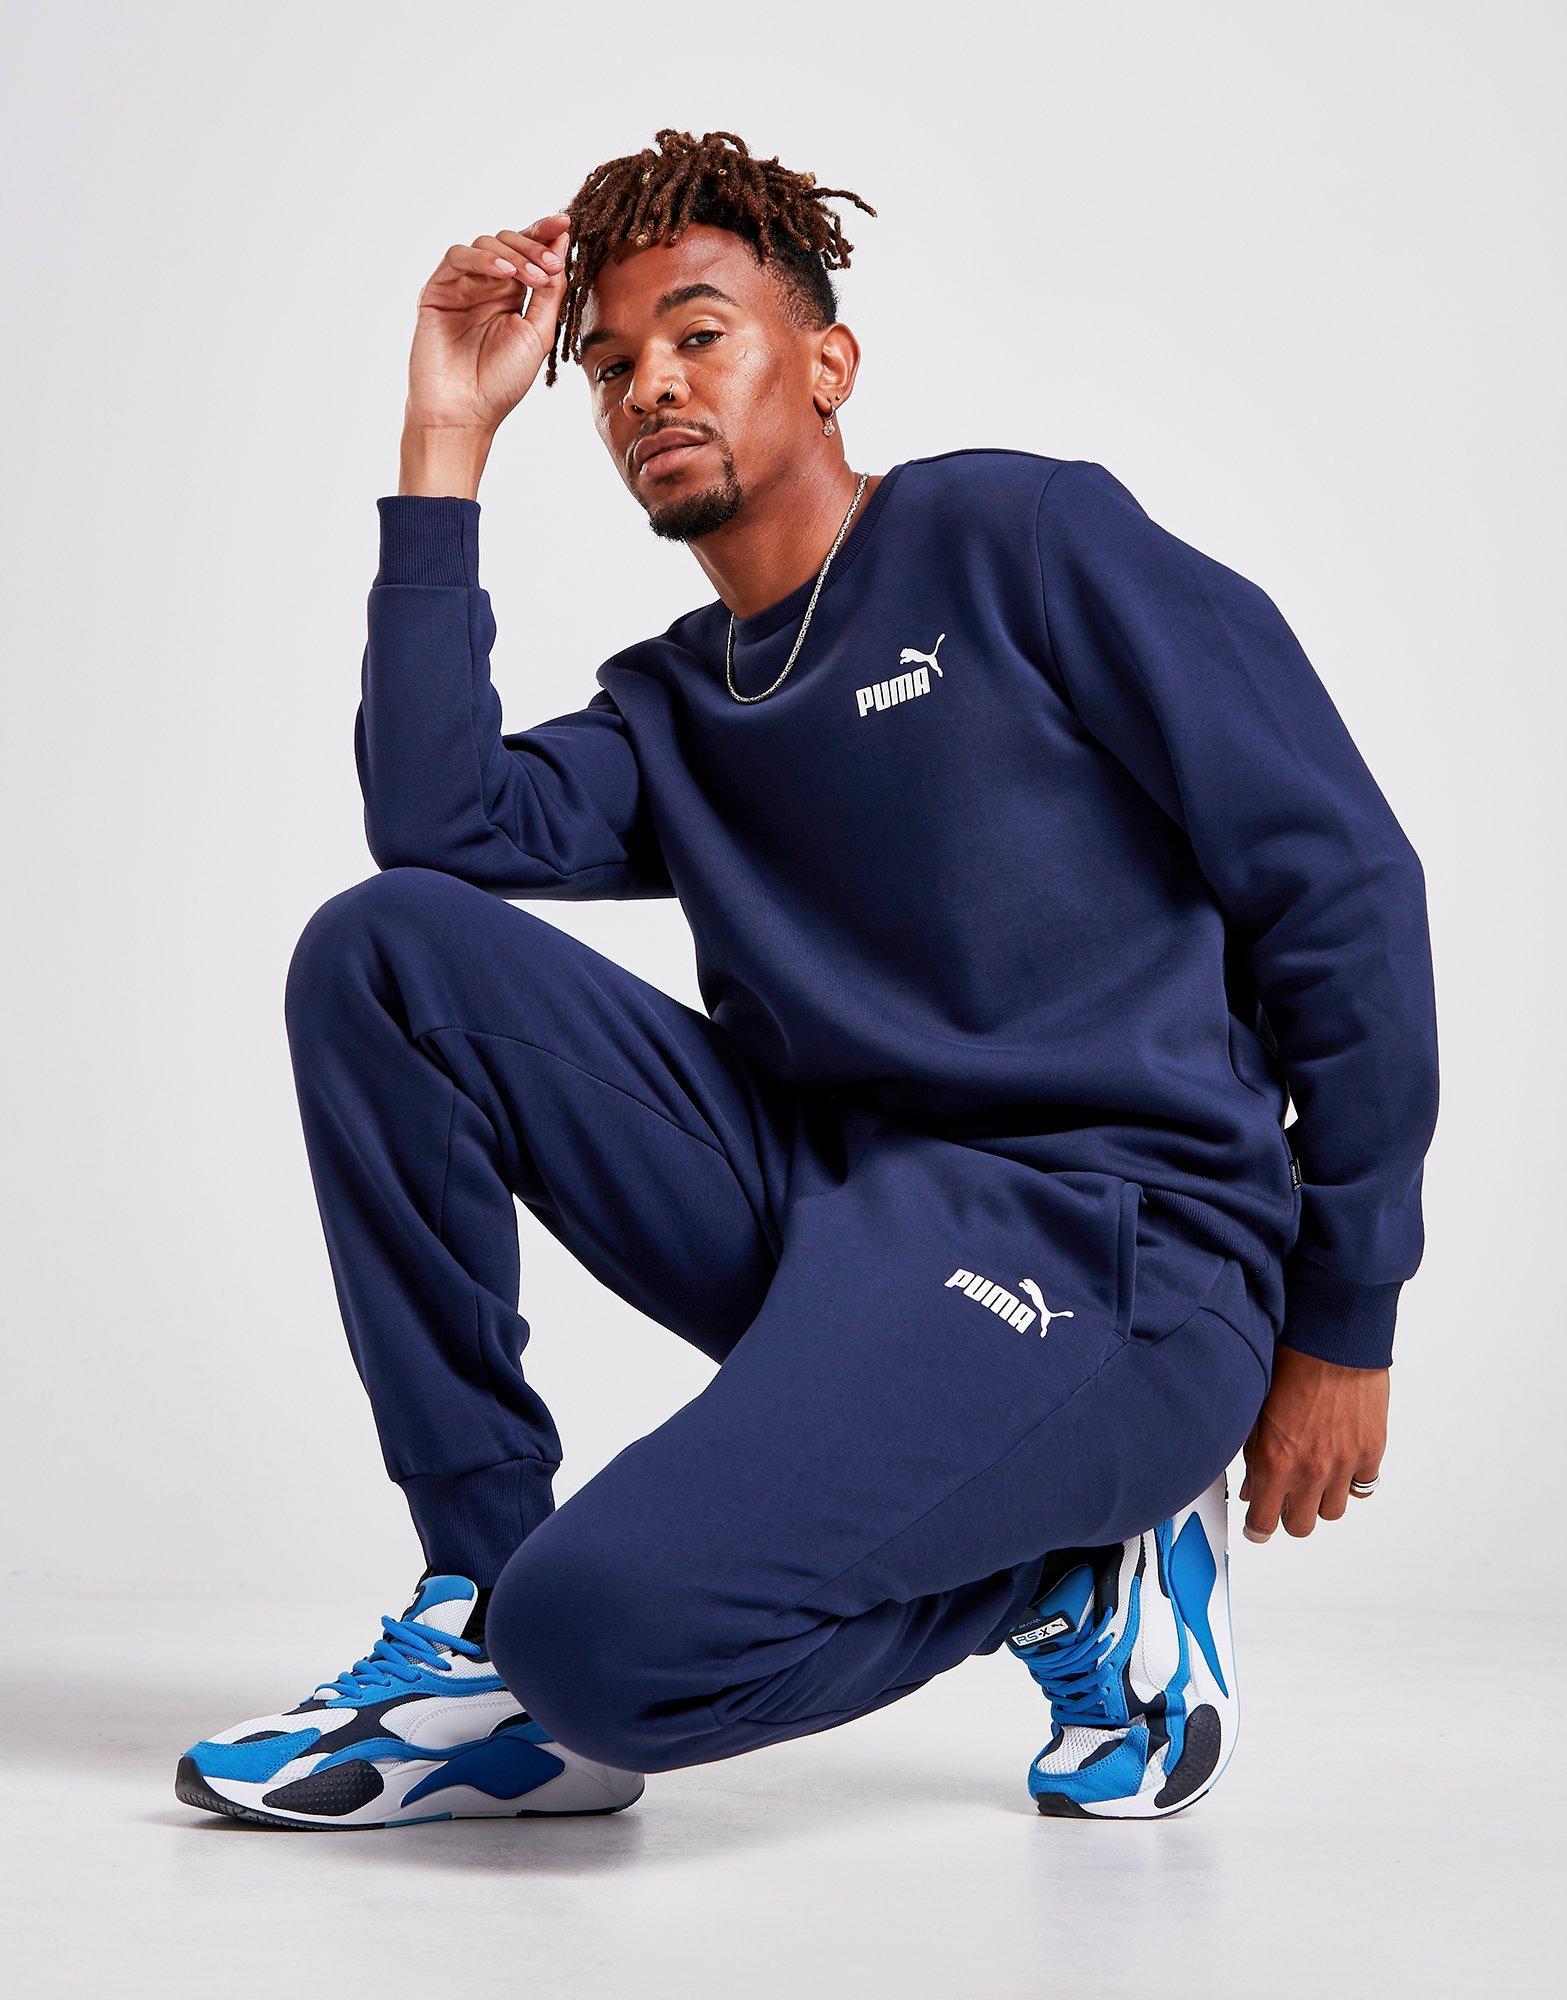 40dcc34d74 Details about New Puma Men's Core Fleece Joggers Blue